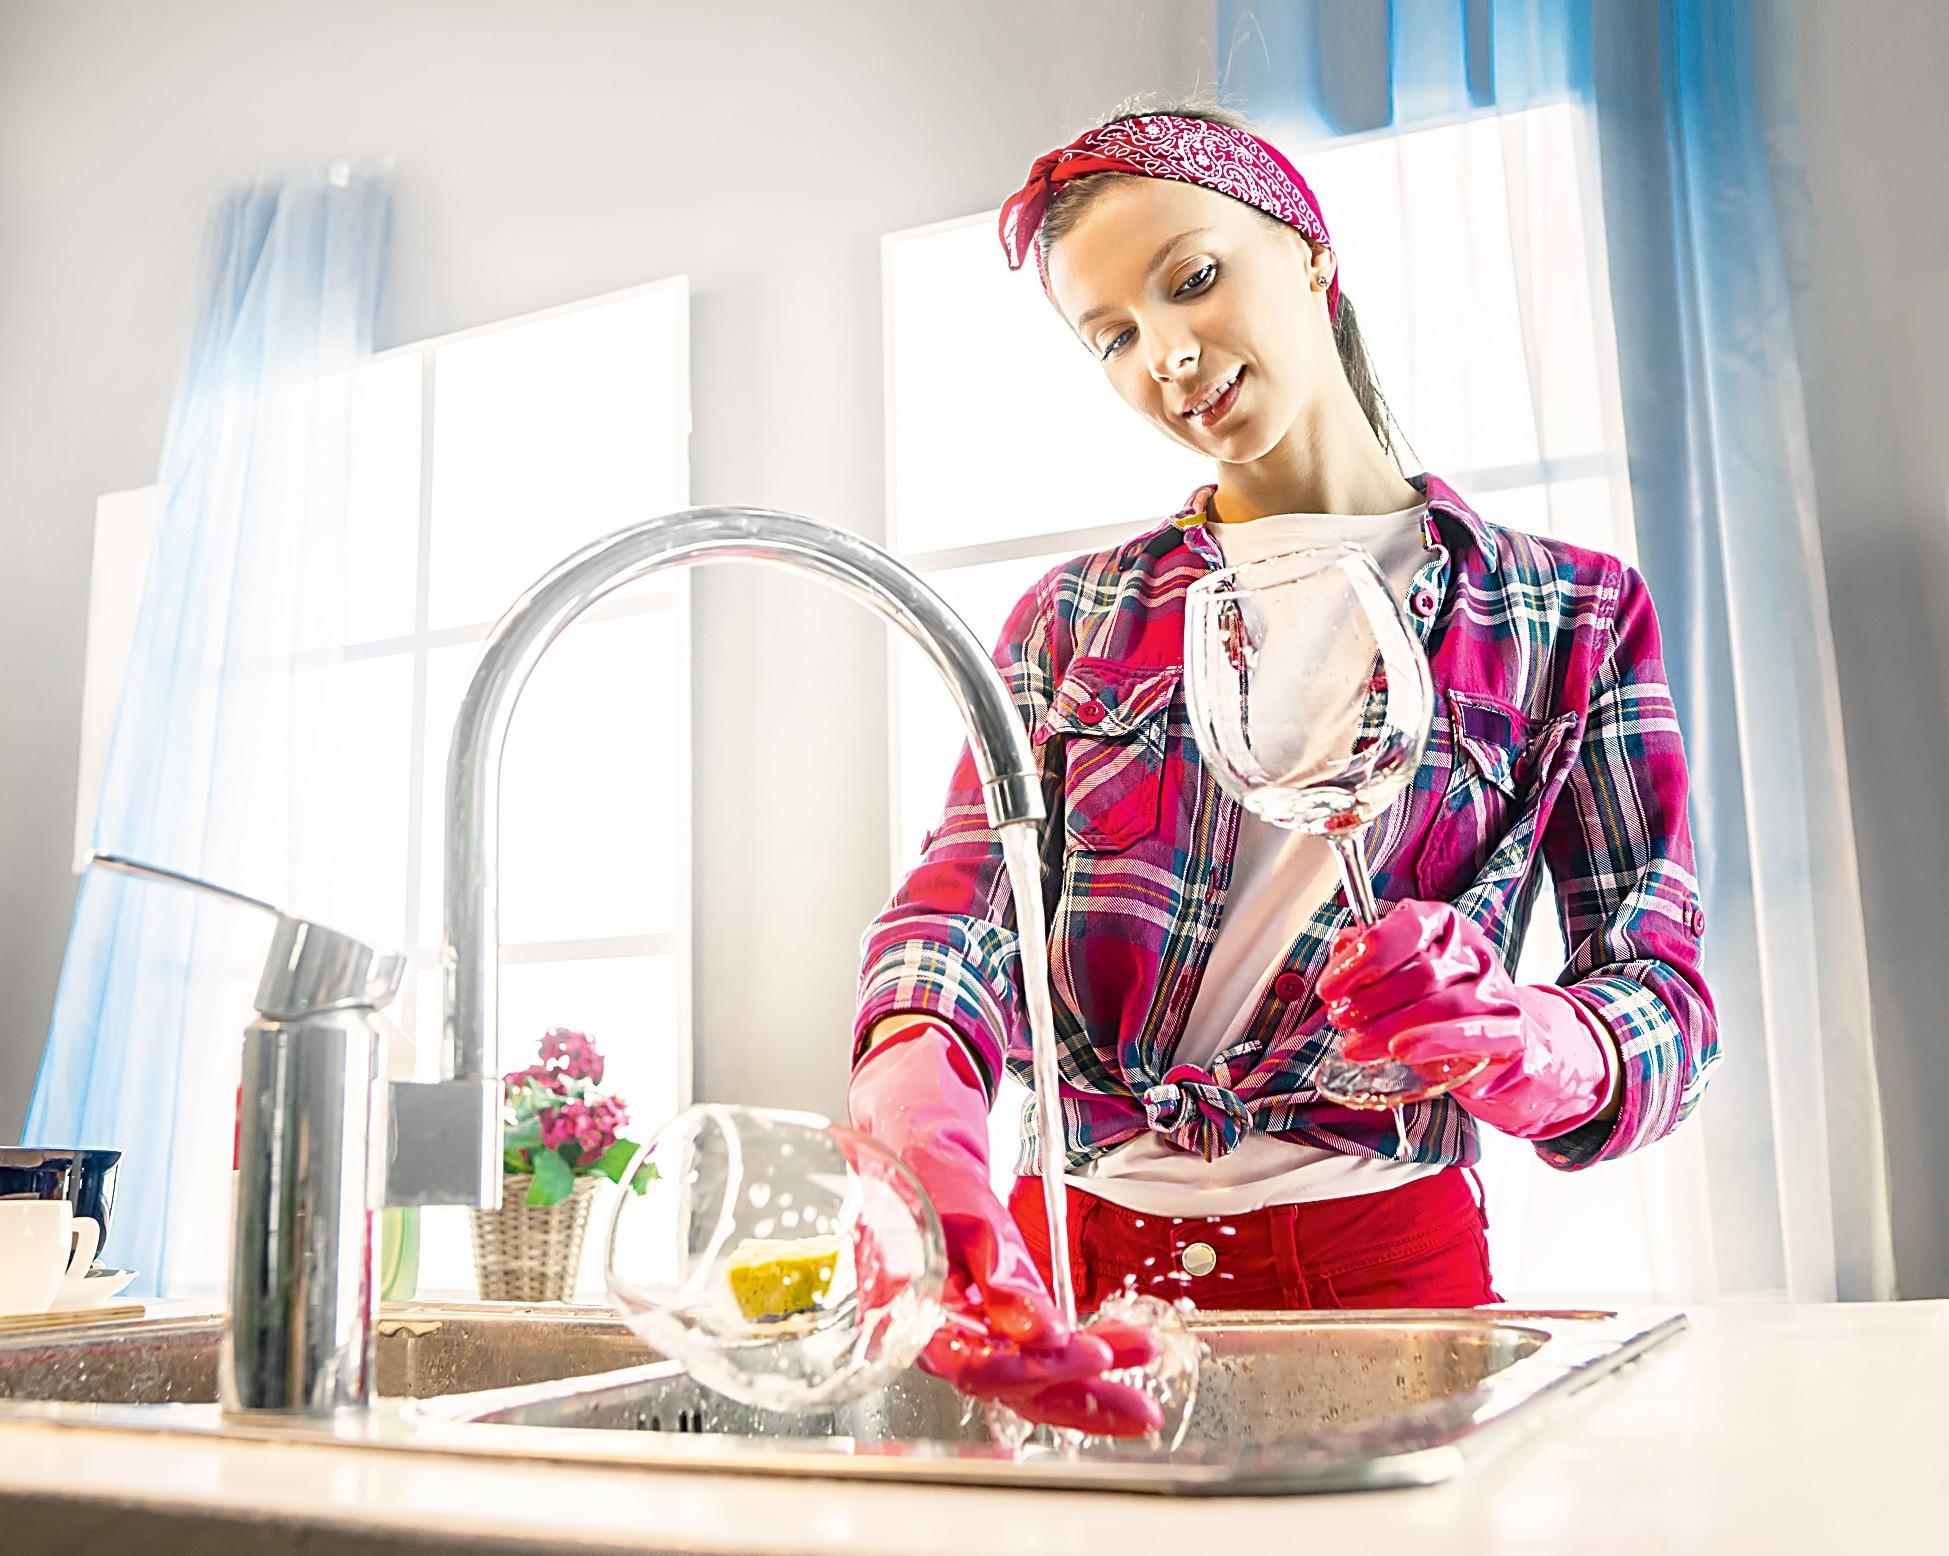 До блеска: выбираем безопасное средство для мытья посуды